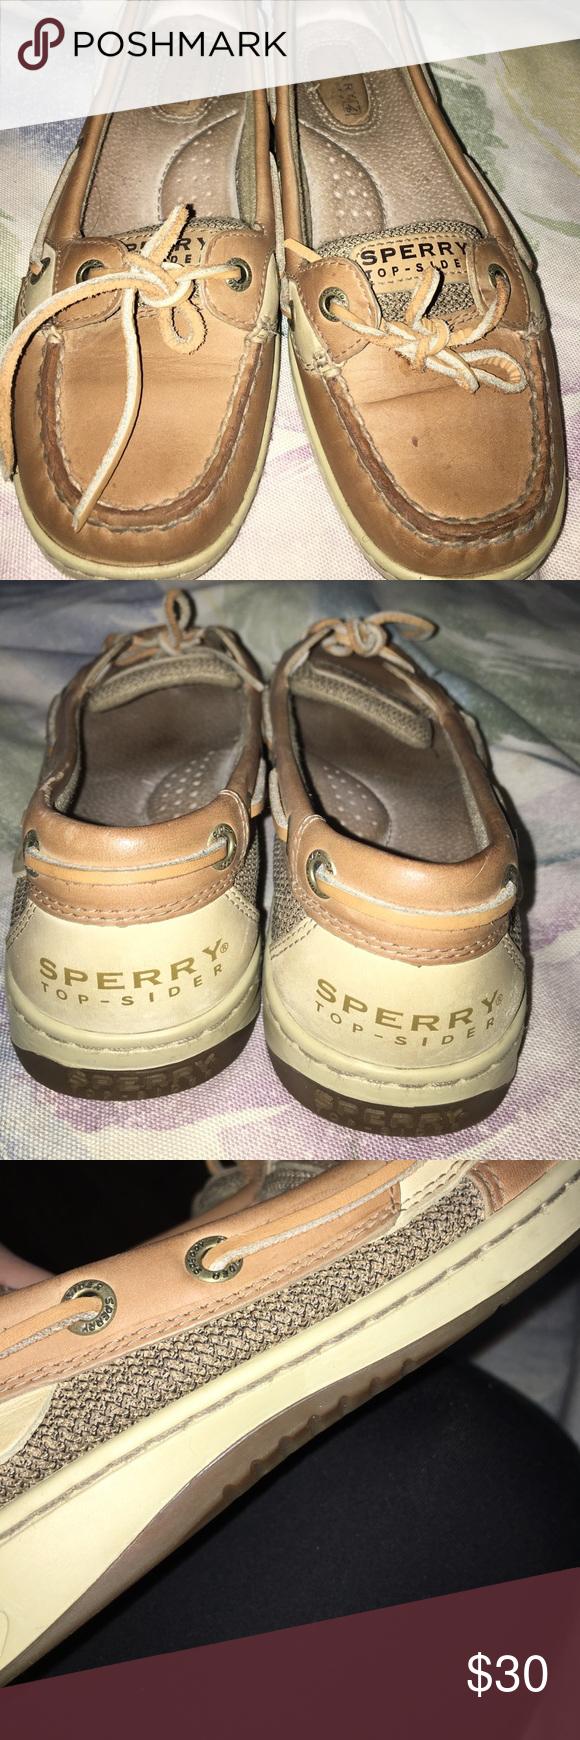 como limpiar zapatos sperry top sider uruguay 80